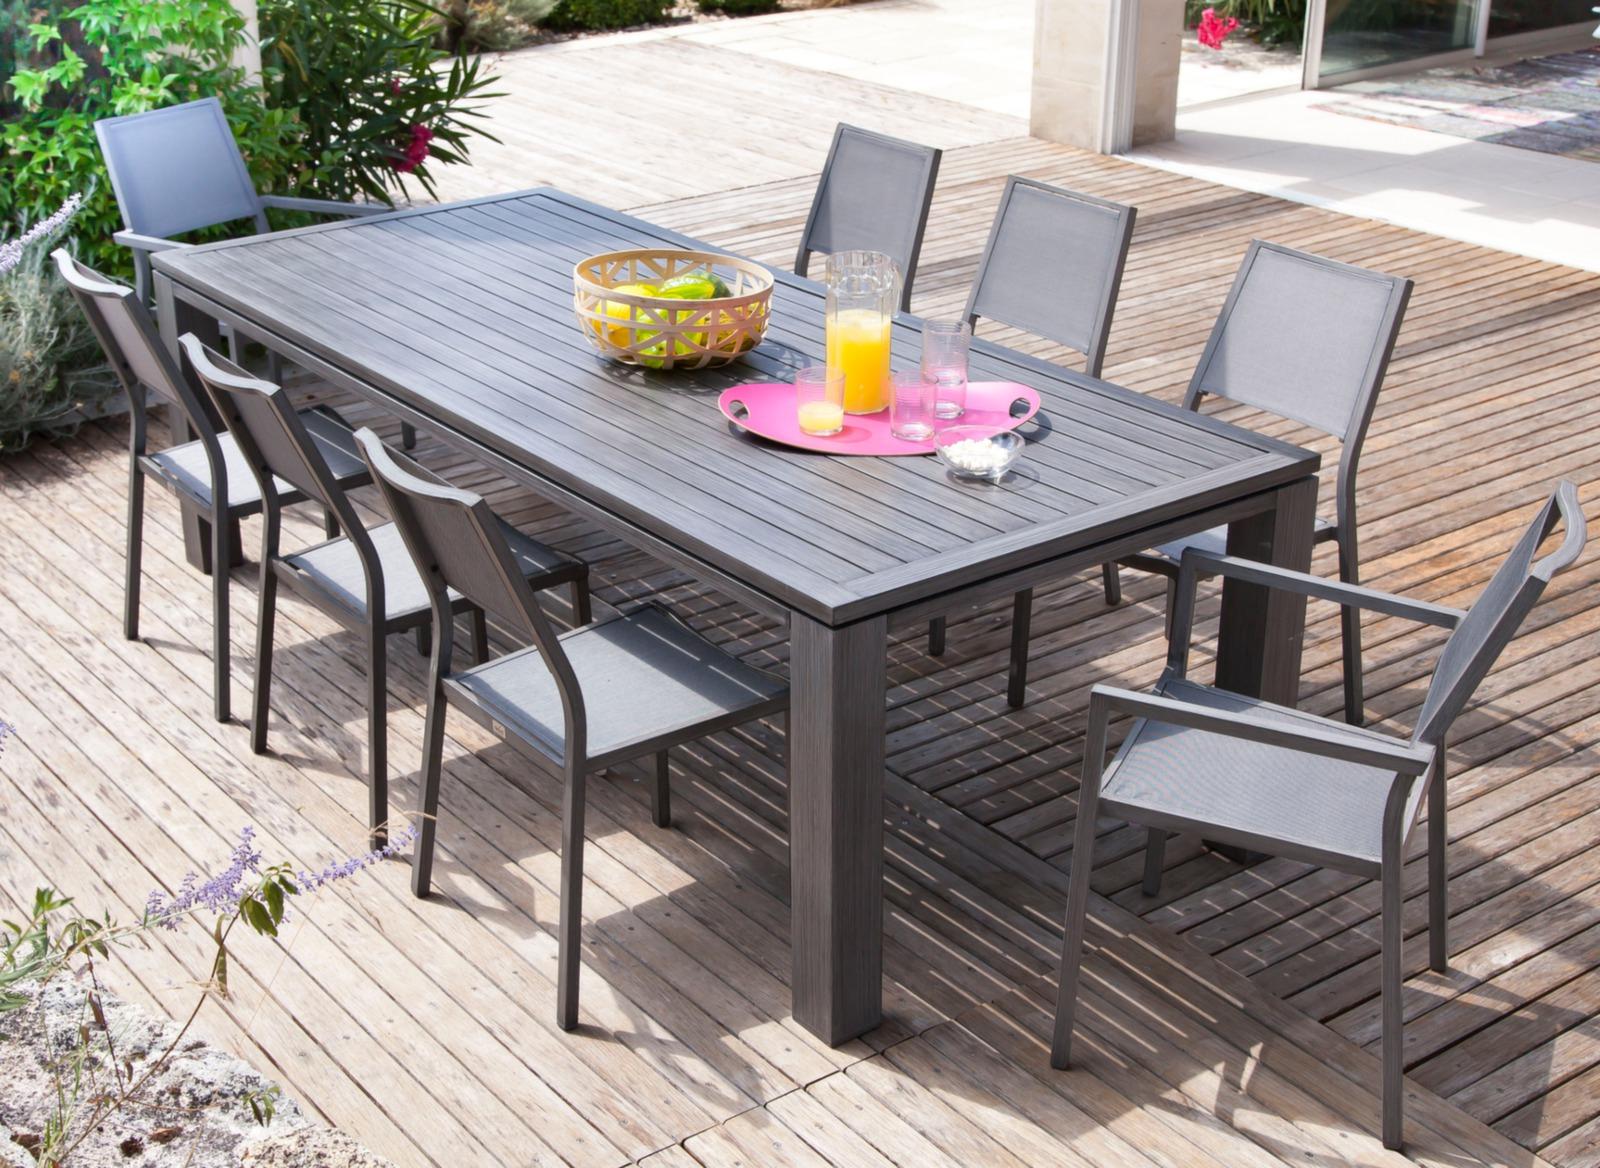 Ensemble Chaise Et Table De Jardin Sol Salon Aluminium ... encequiconcerne Auchan Table De Jardin